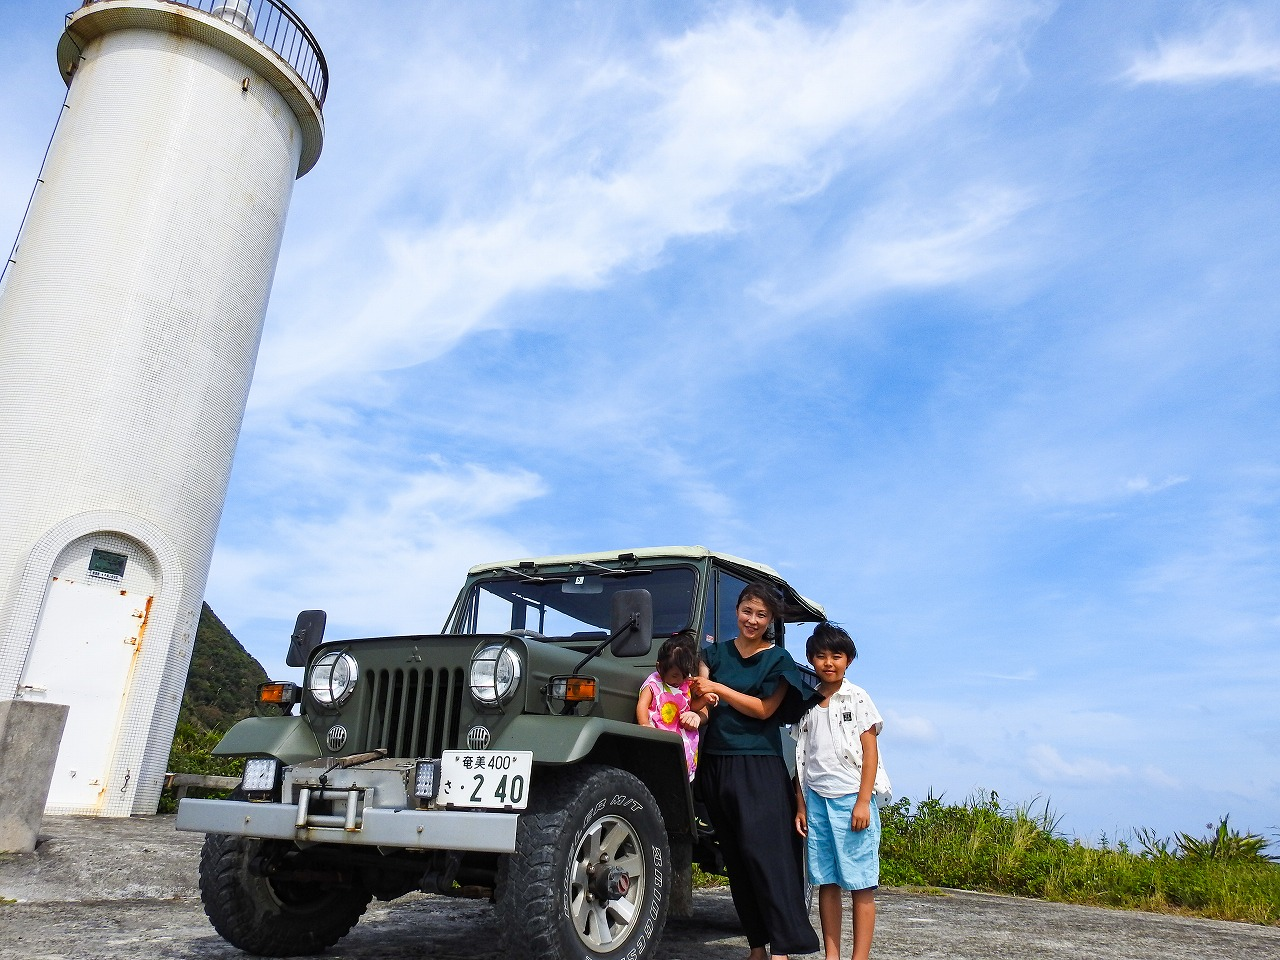 ジープでラクラク♪絶景スポットを巡る奄美大島半日ガイドツアー(No.21)